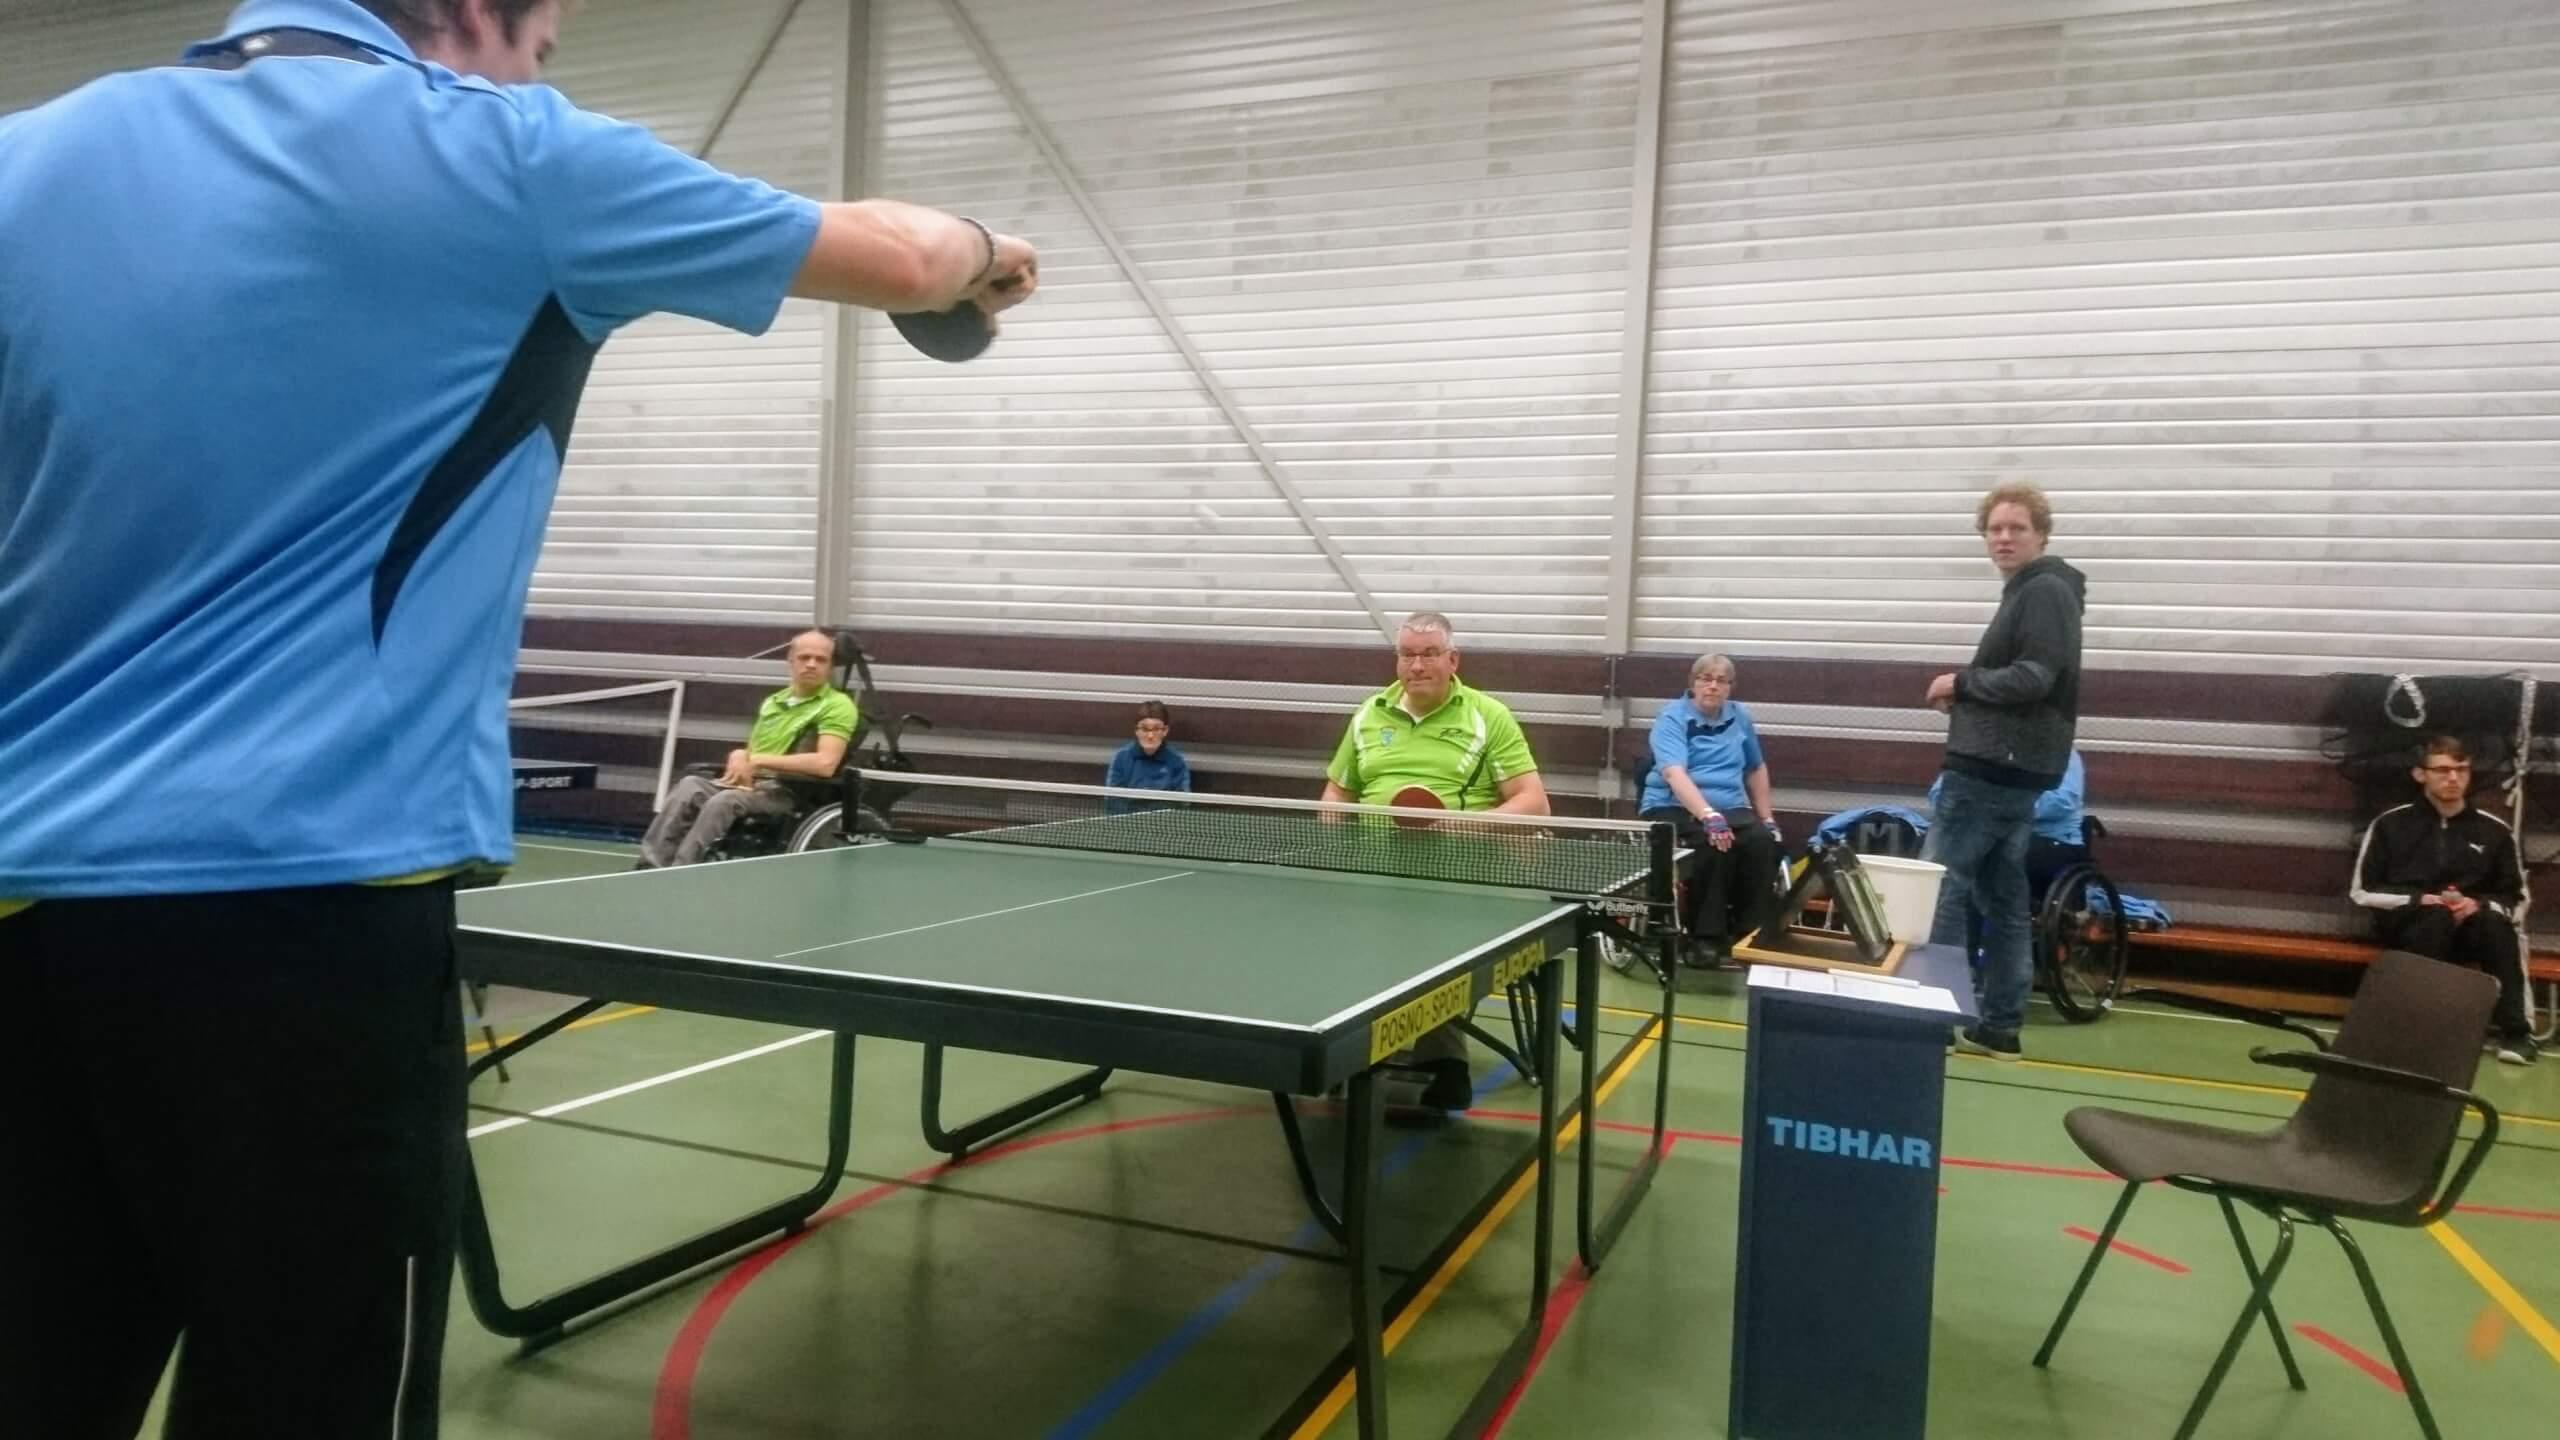 Herman ontvangt de bal tijdens een tafeltenniswedstrijd